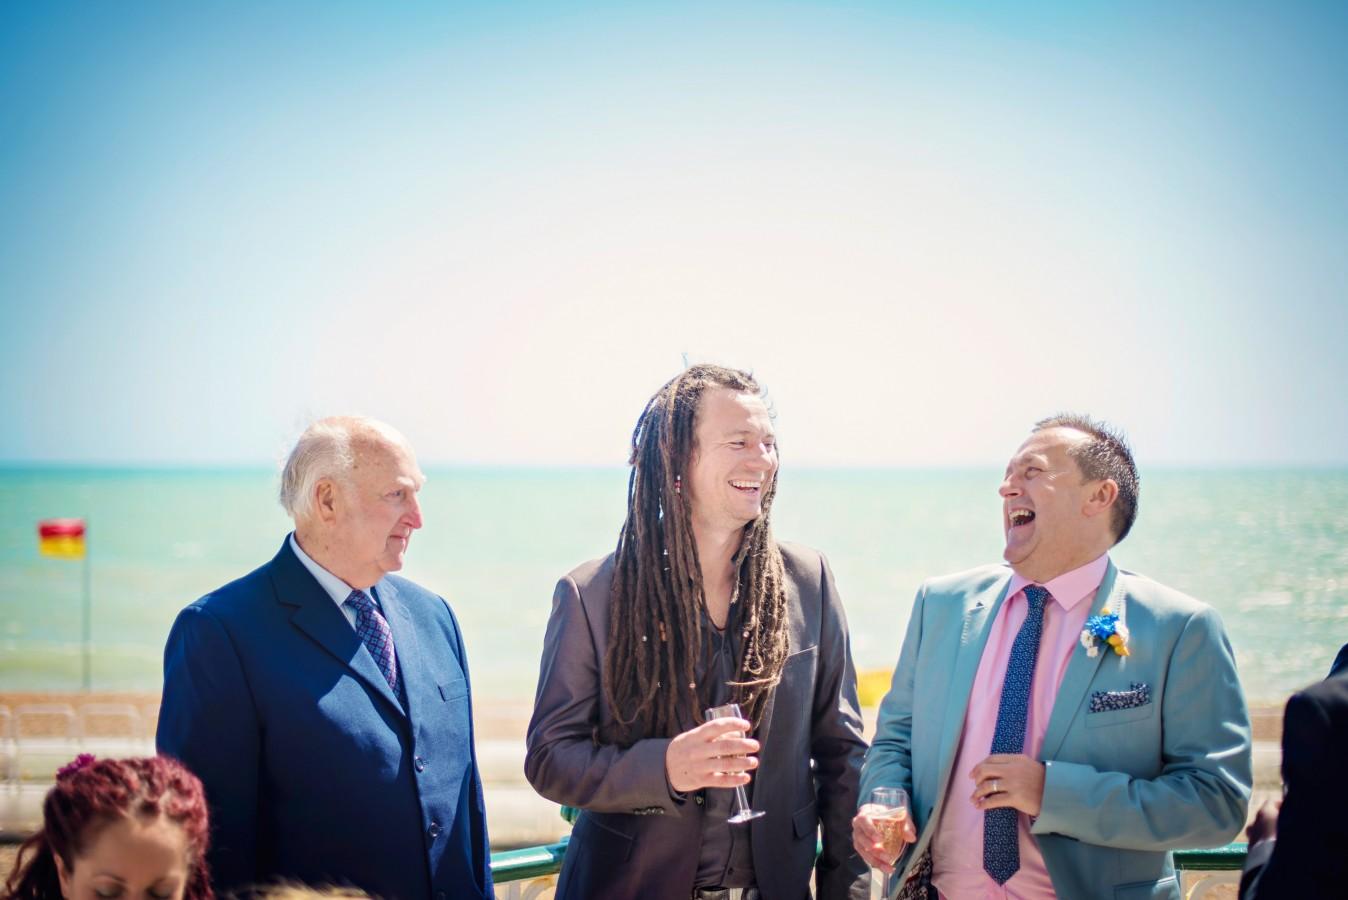 Hampshire Wedding Photographer - GK Photography-81